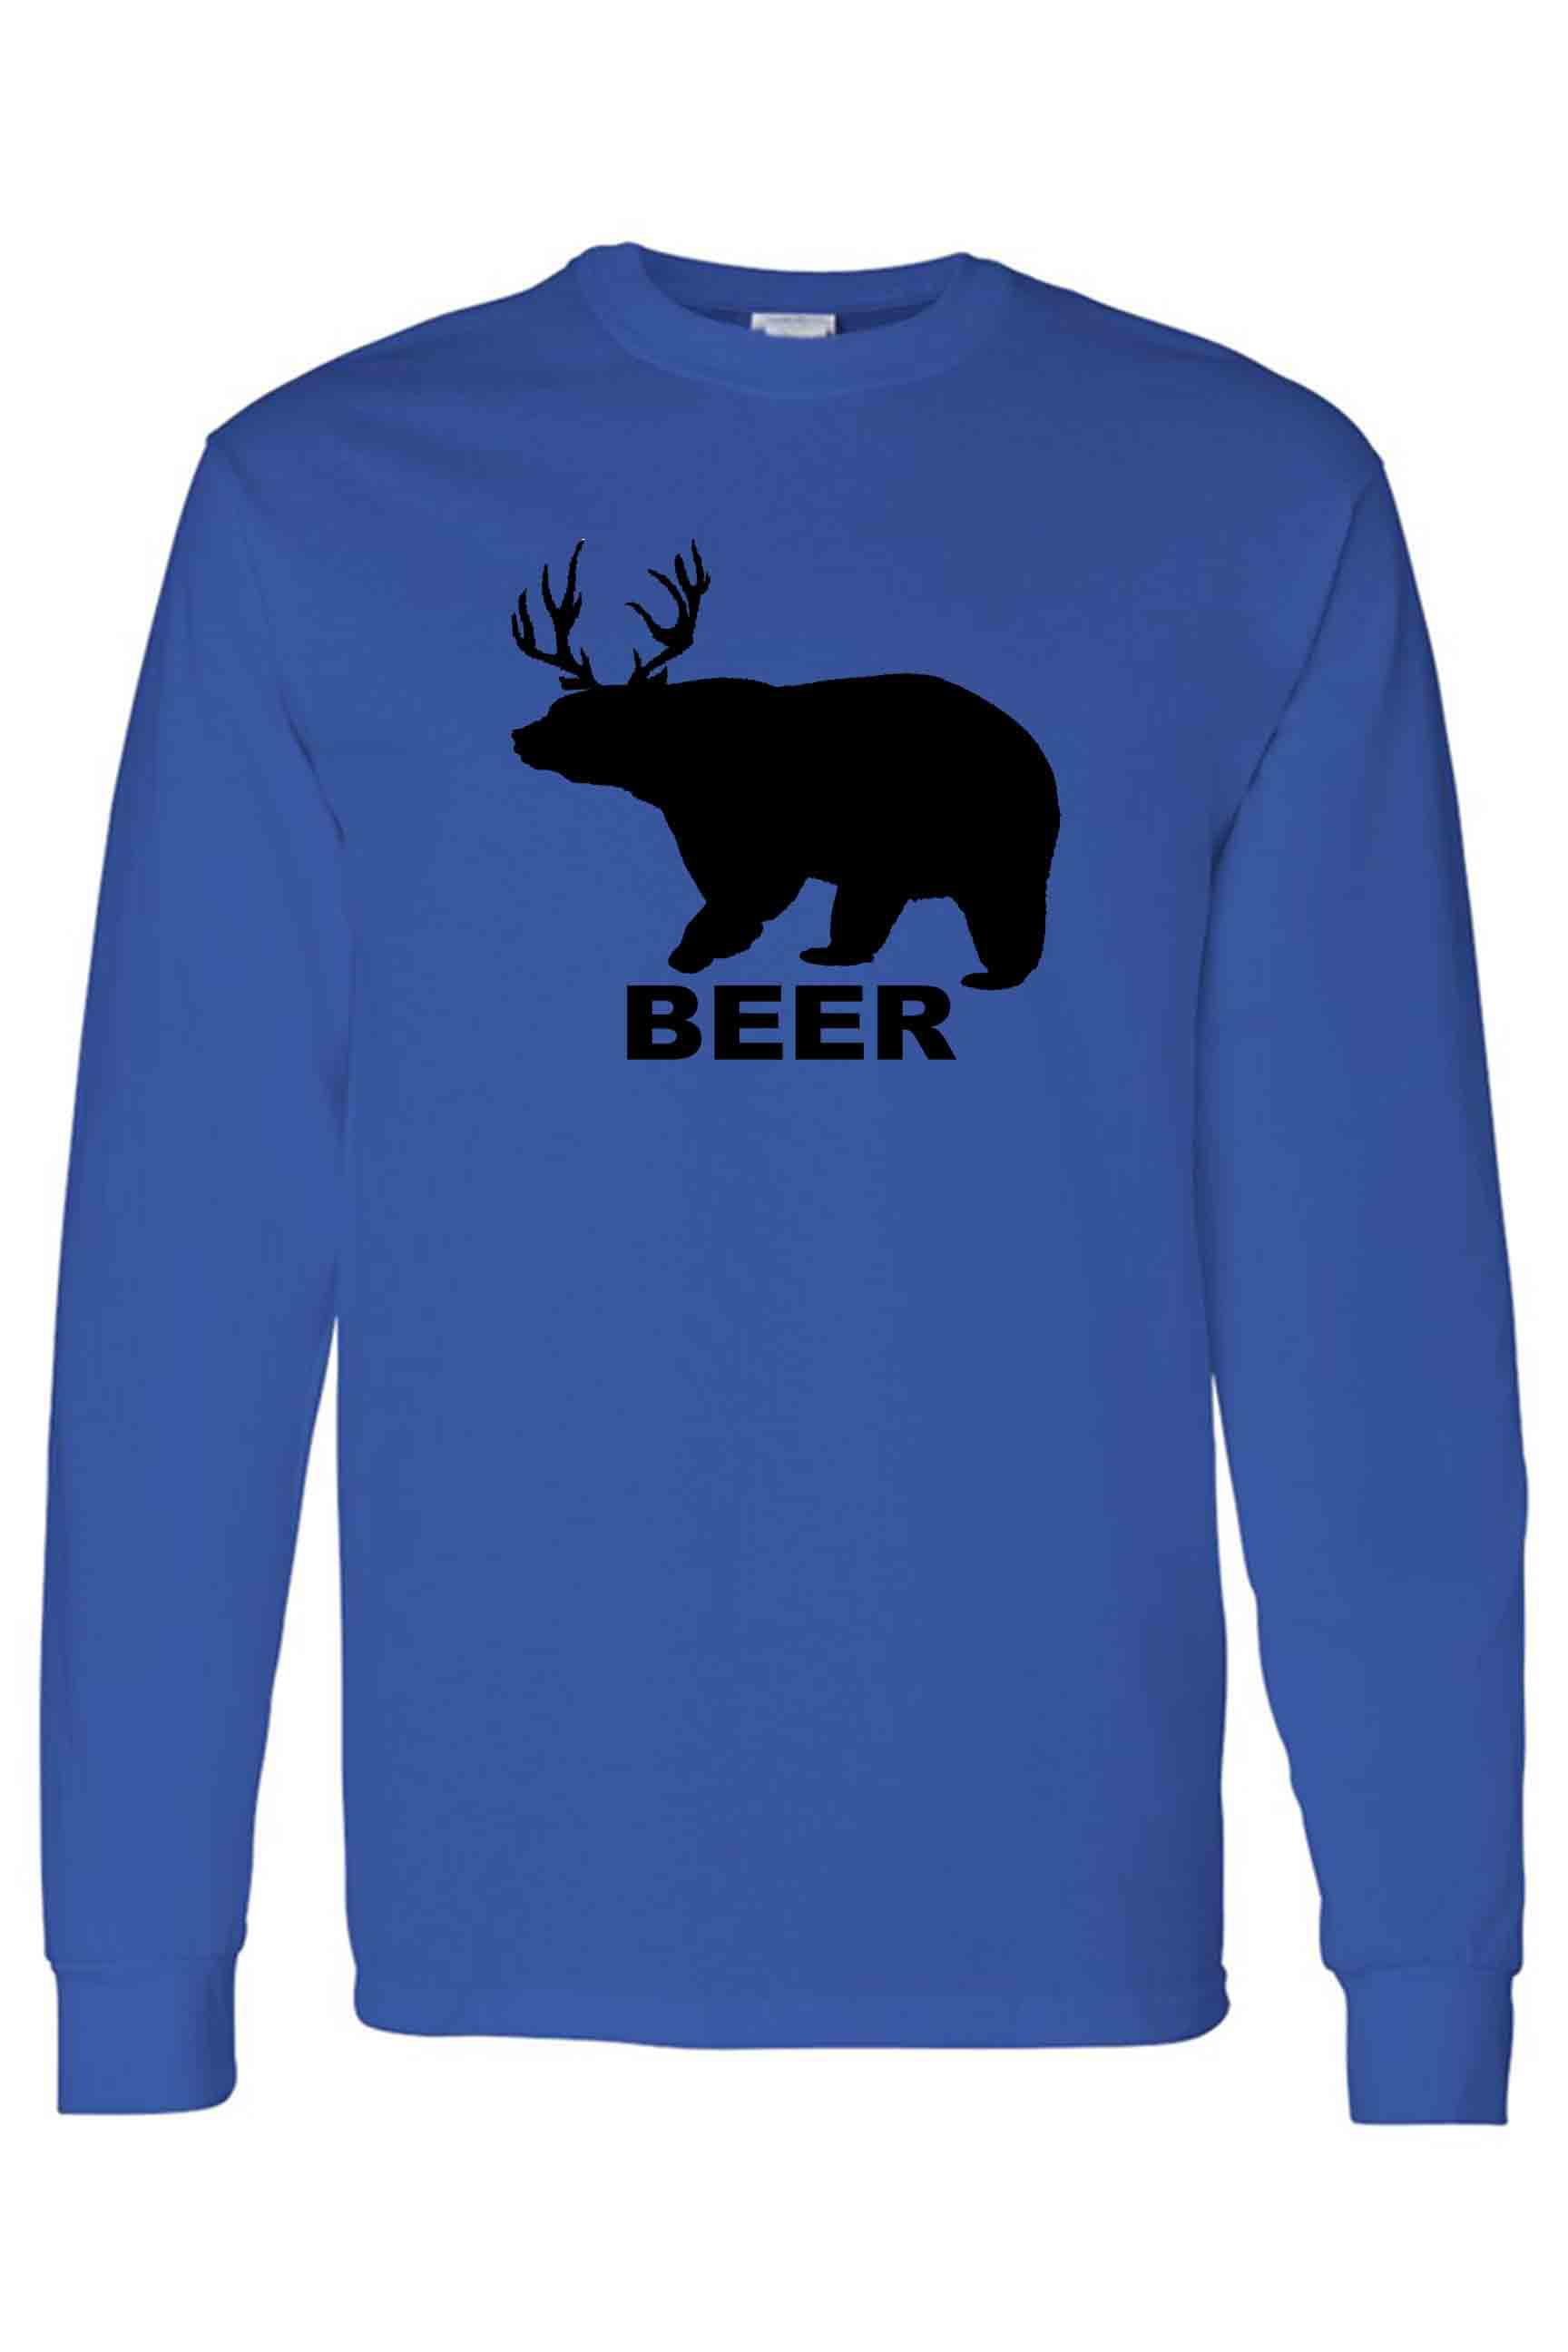 SHORE TRENDZ Mens Bear Deer Beer Tank Top Shirt